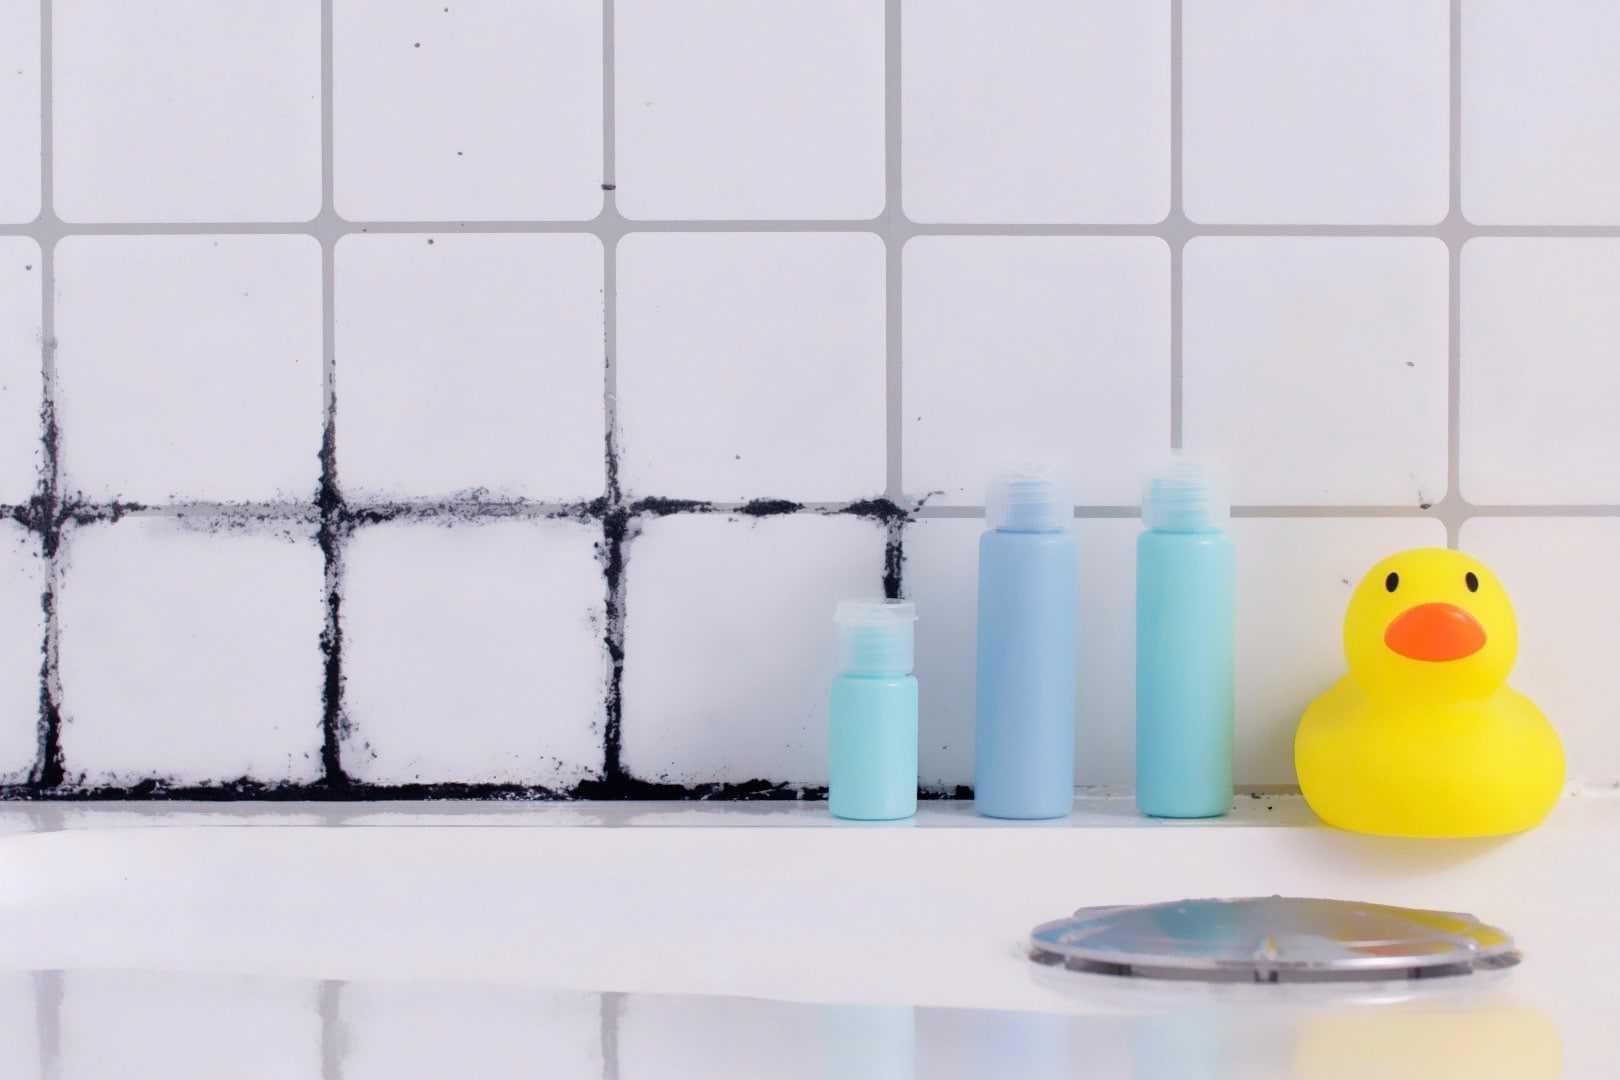 Pelėsis vonios kambaryje: kaip jo išvengti, o atsiradus – lengvai išnaikinti?